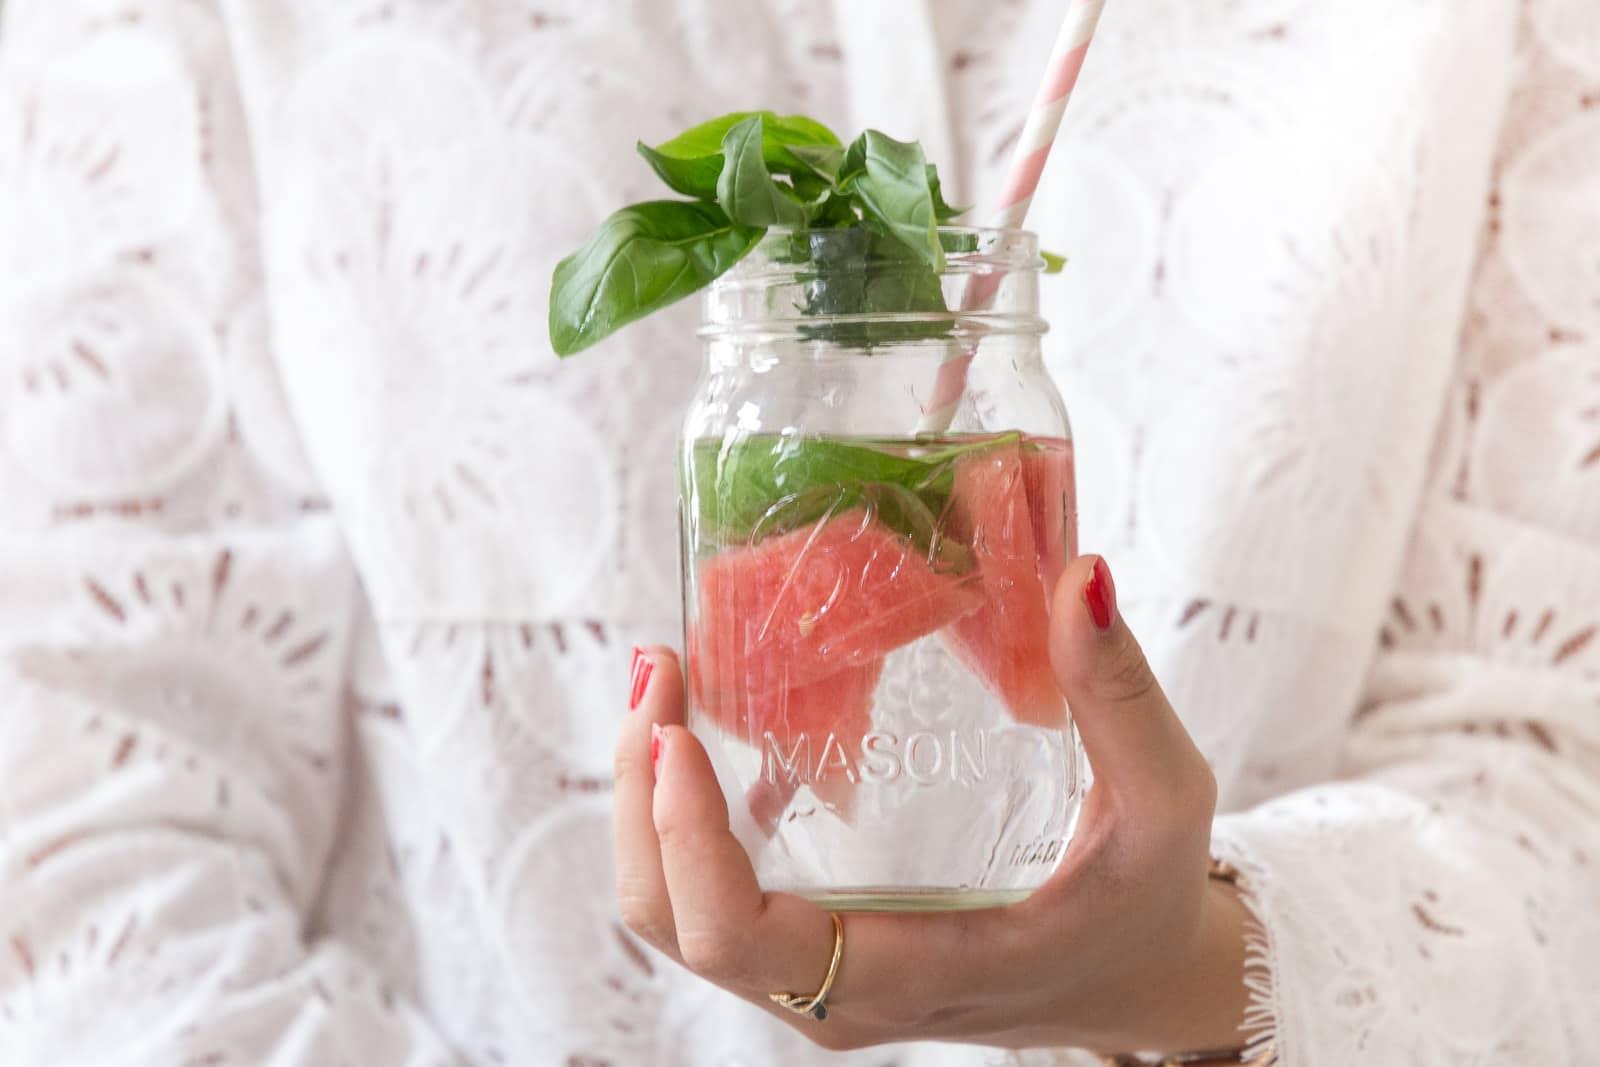 demakeup-detox-challenge-gesund-leben-genug-wasser-trinken-rezepte-fazit-fashion-blog-köln 9